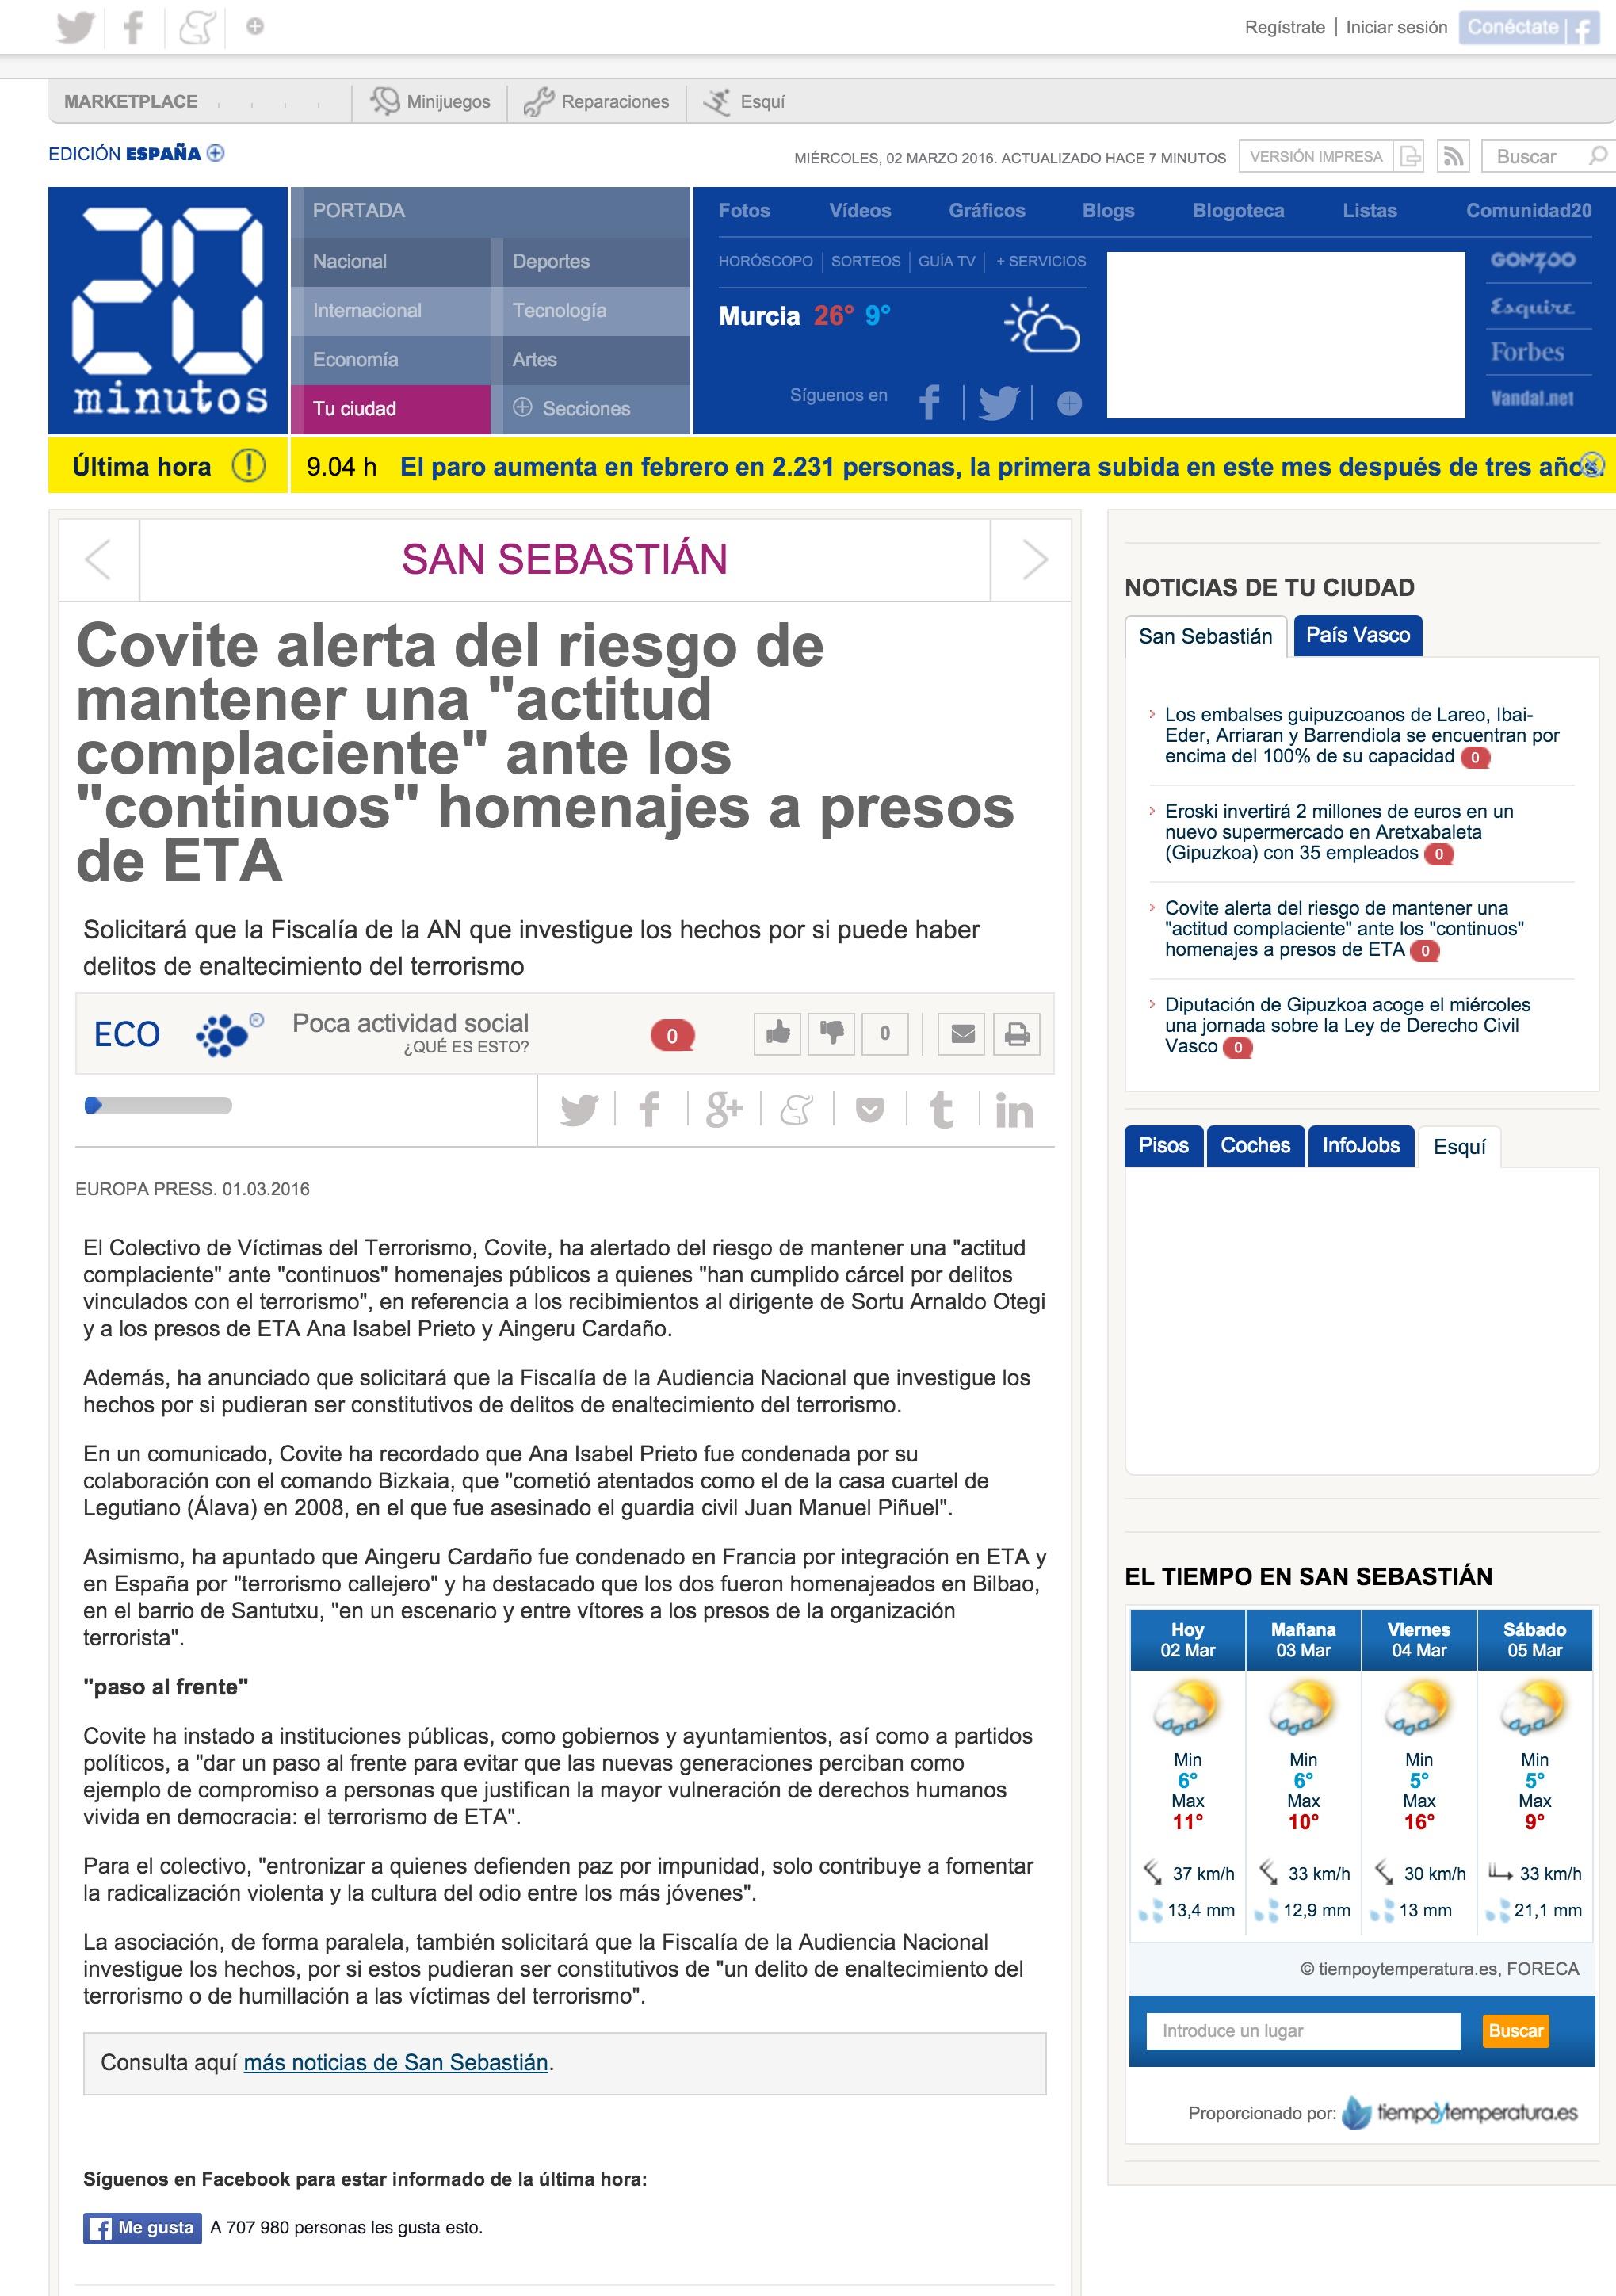 screencapture-www-20minutos-es-noticia-2686231-0-covite-alerta-riesgo-mantener-actitud-complaciente-ante-continuos-homenajes-presos-eta-1456908825027